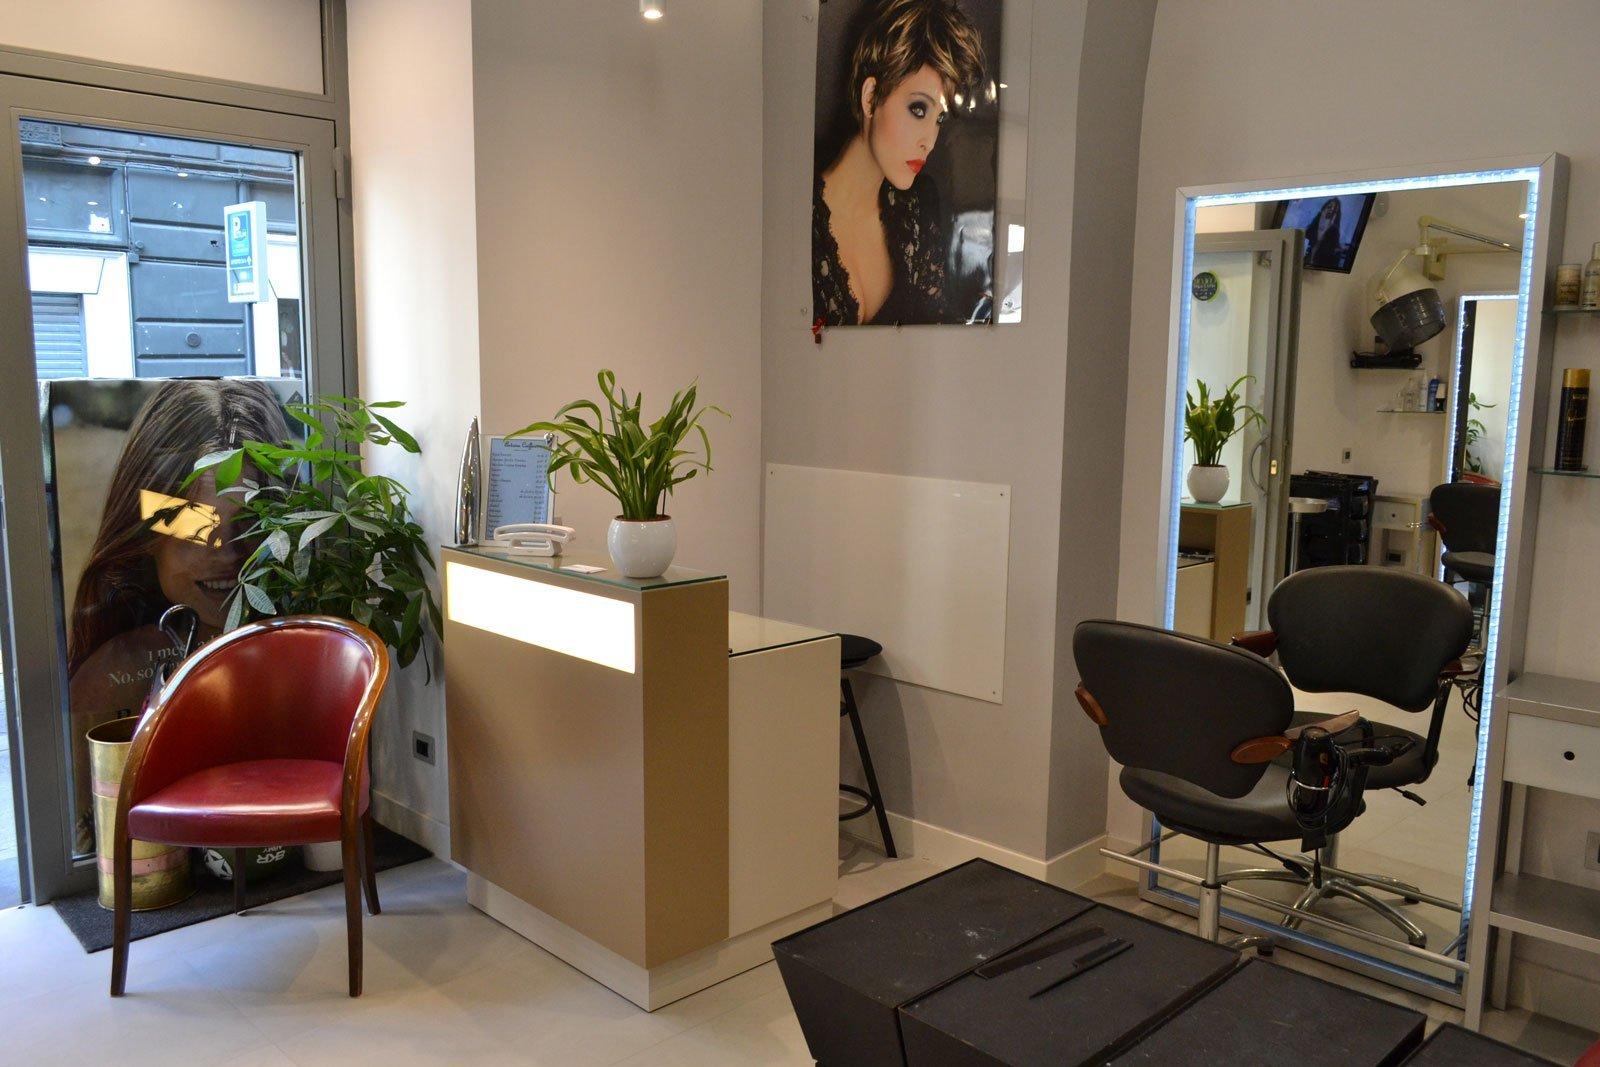 Realizzazione mobili su misura per parrucchiere in napoli for Arredo parrucchiere